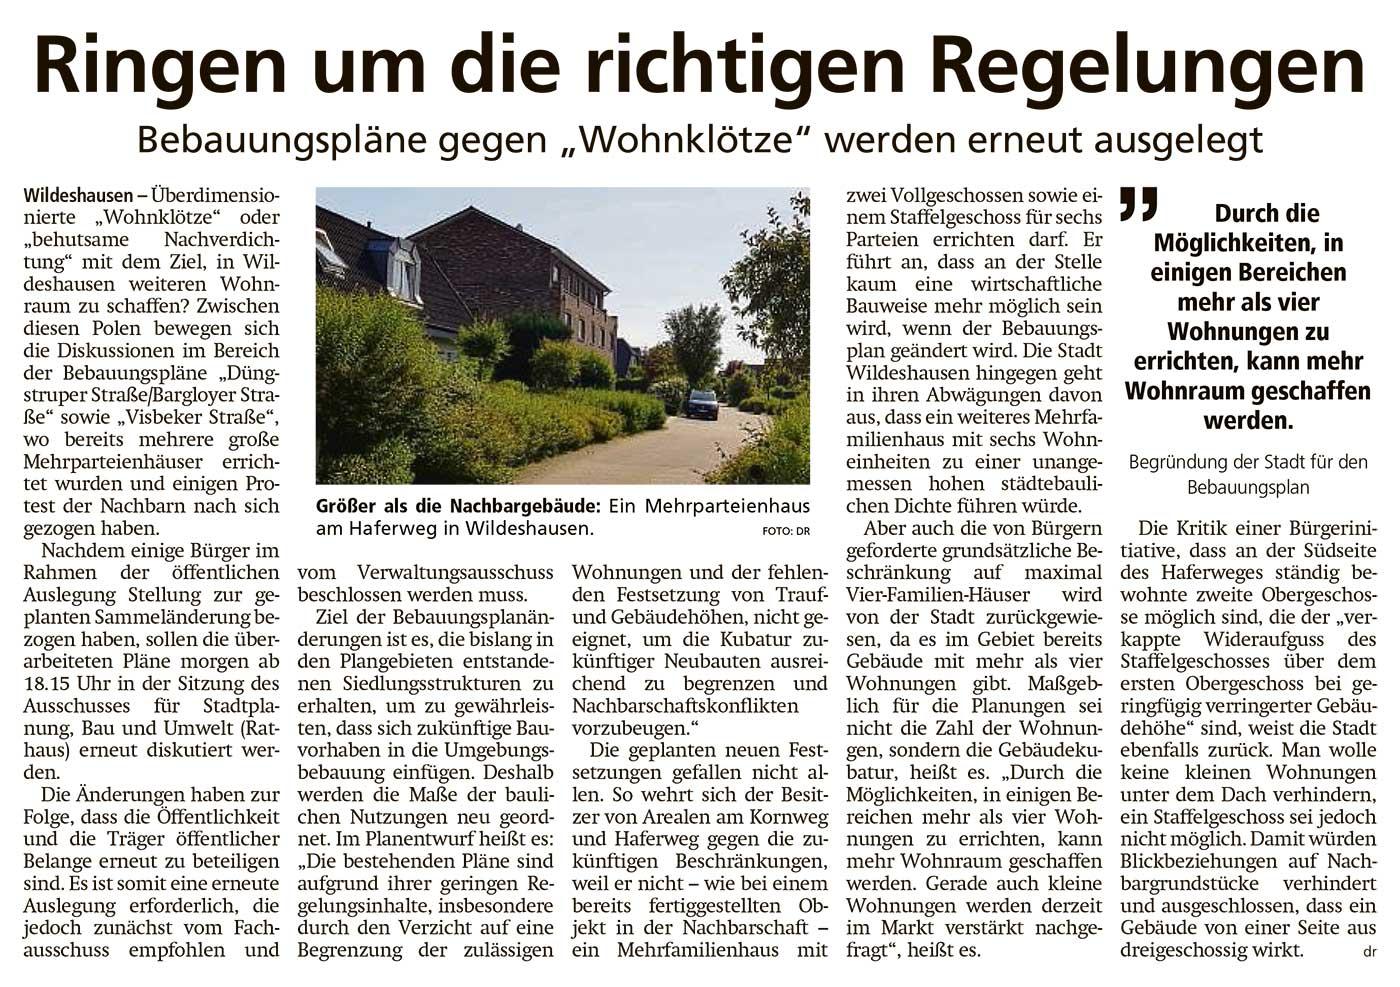 Ringen um die richtigen RegelungenBebauungspläne gegen 'Wohnklötze' werden erneut ausgelegtArtikel vom 23.06.2021 (WZ)